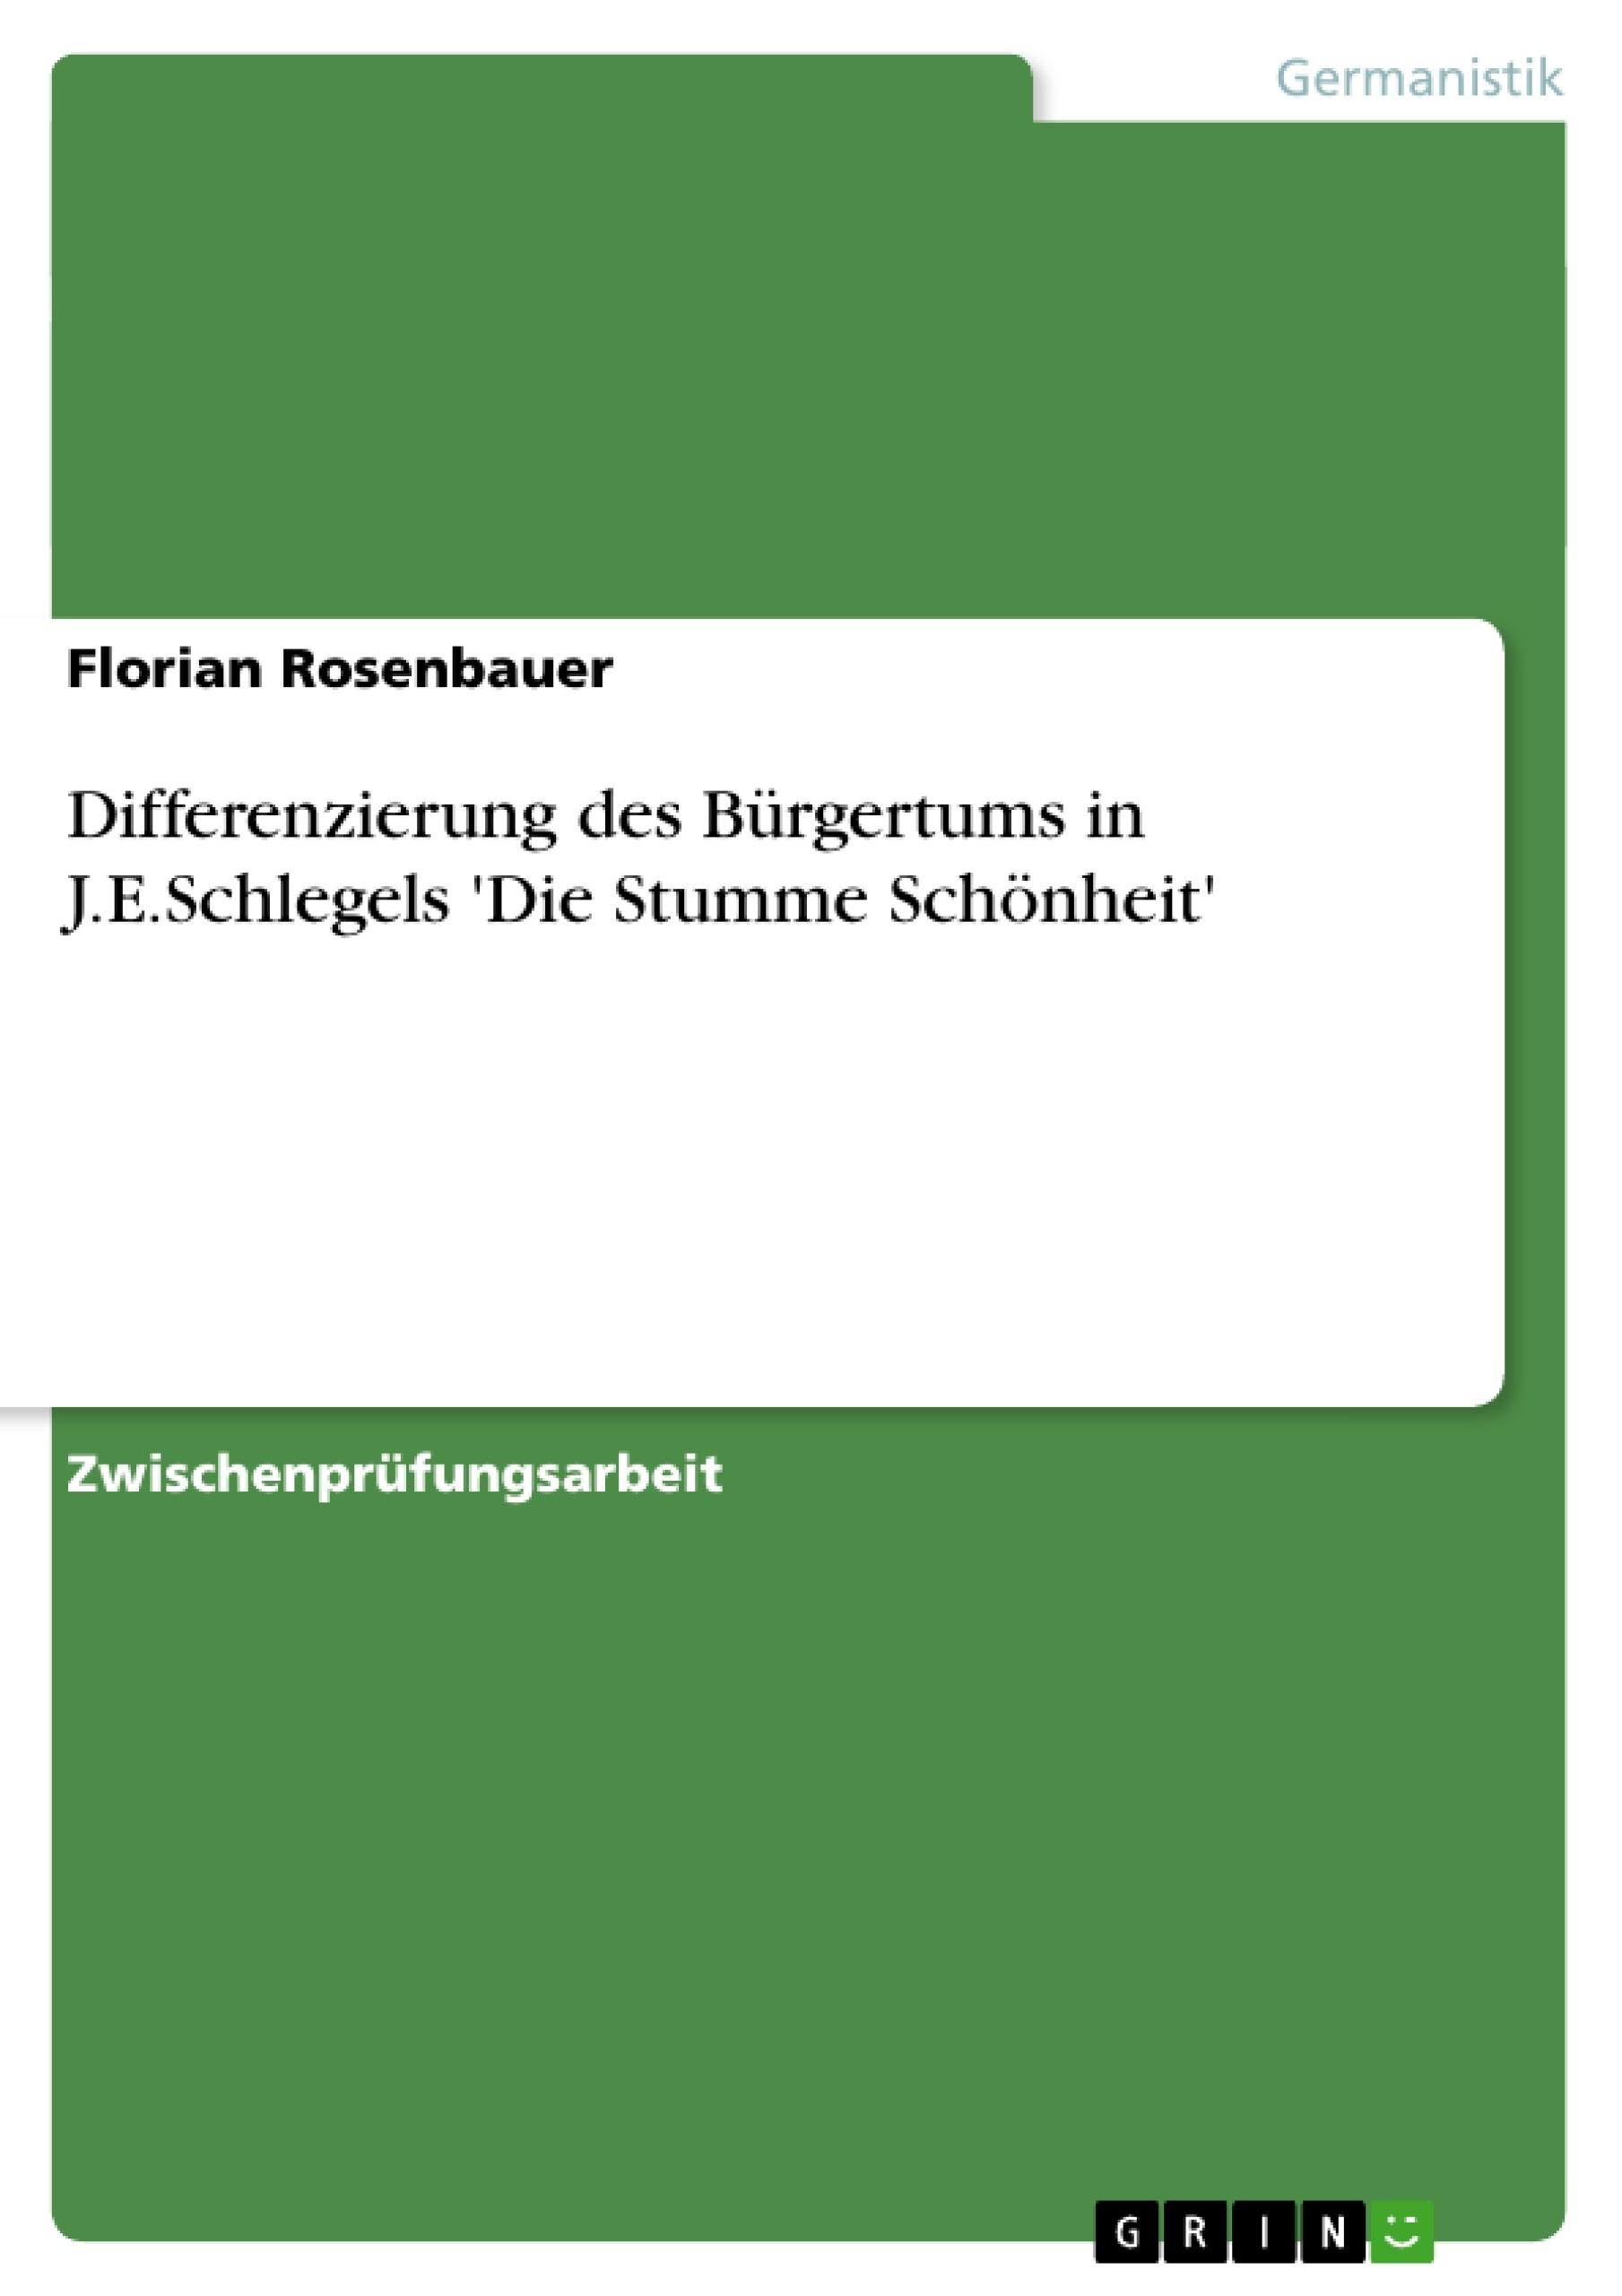 Titel: Differenzierung des Bürgertums in J.E.Schlegels 'Die Stumme Schönheit'